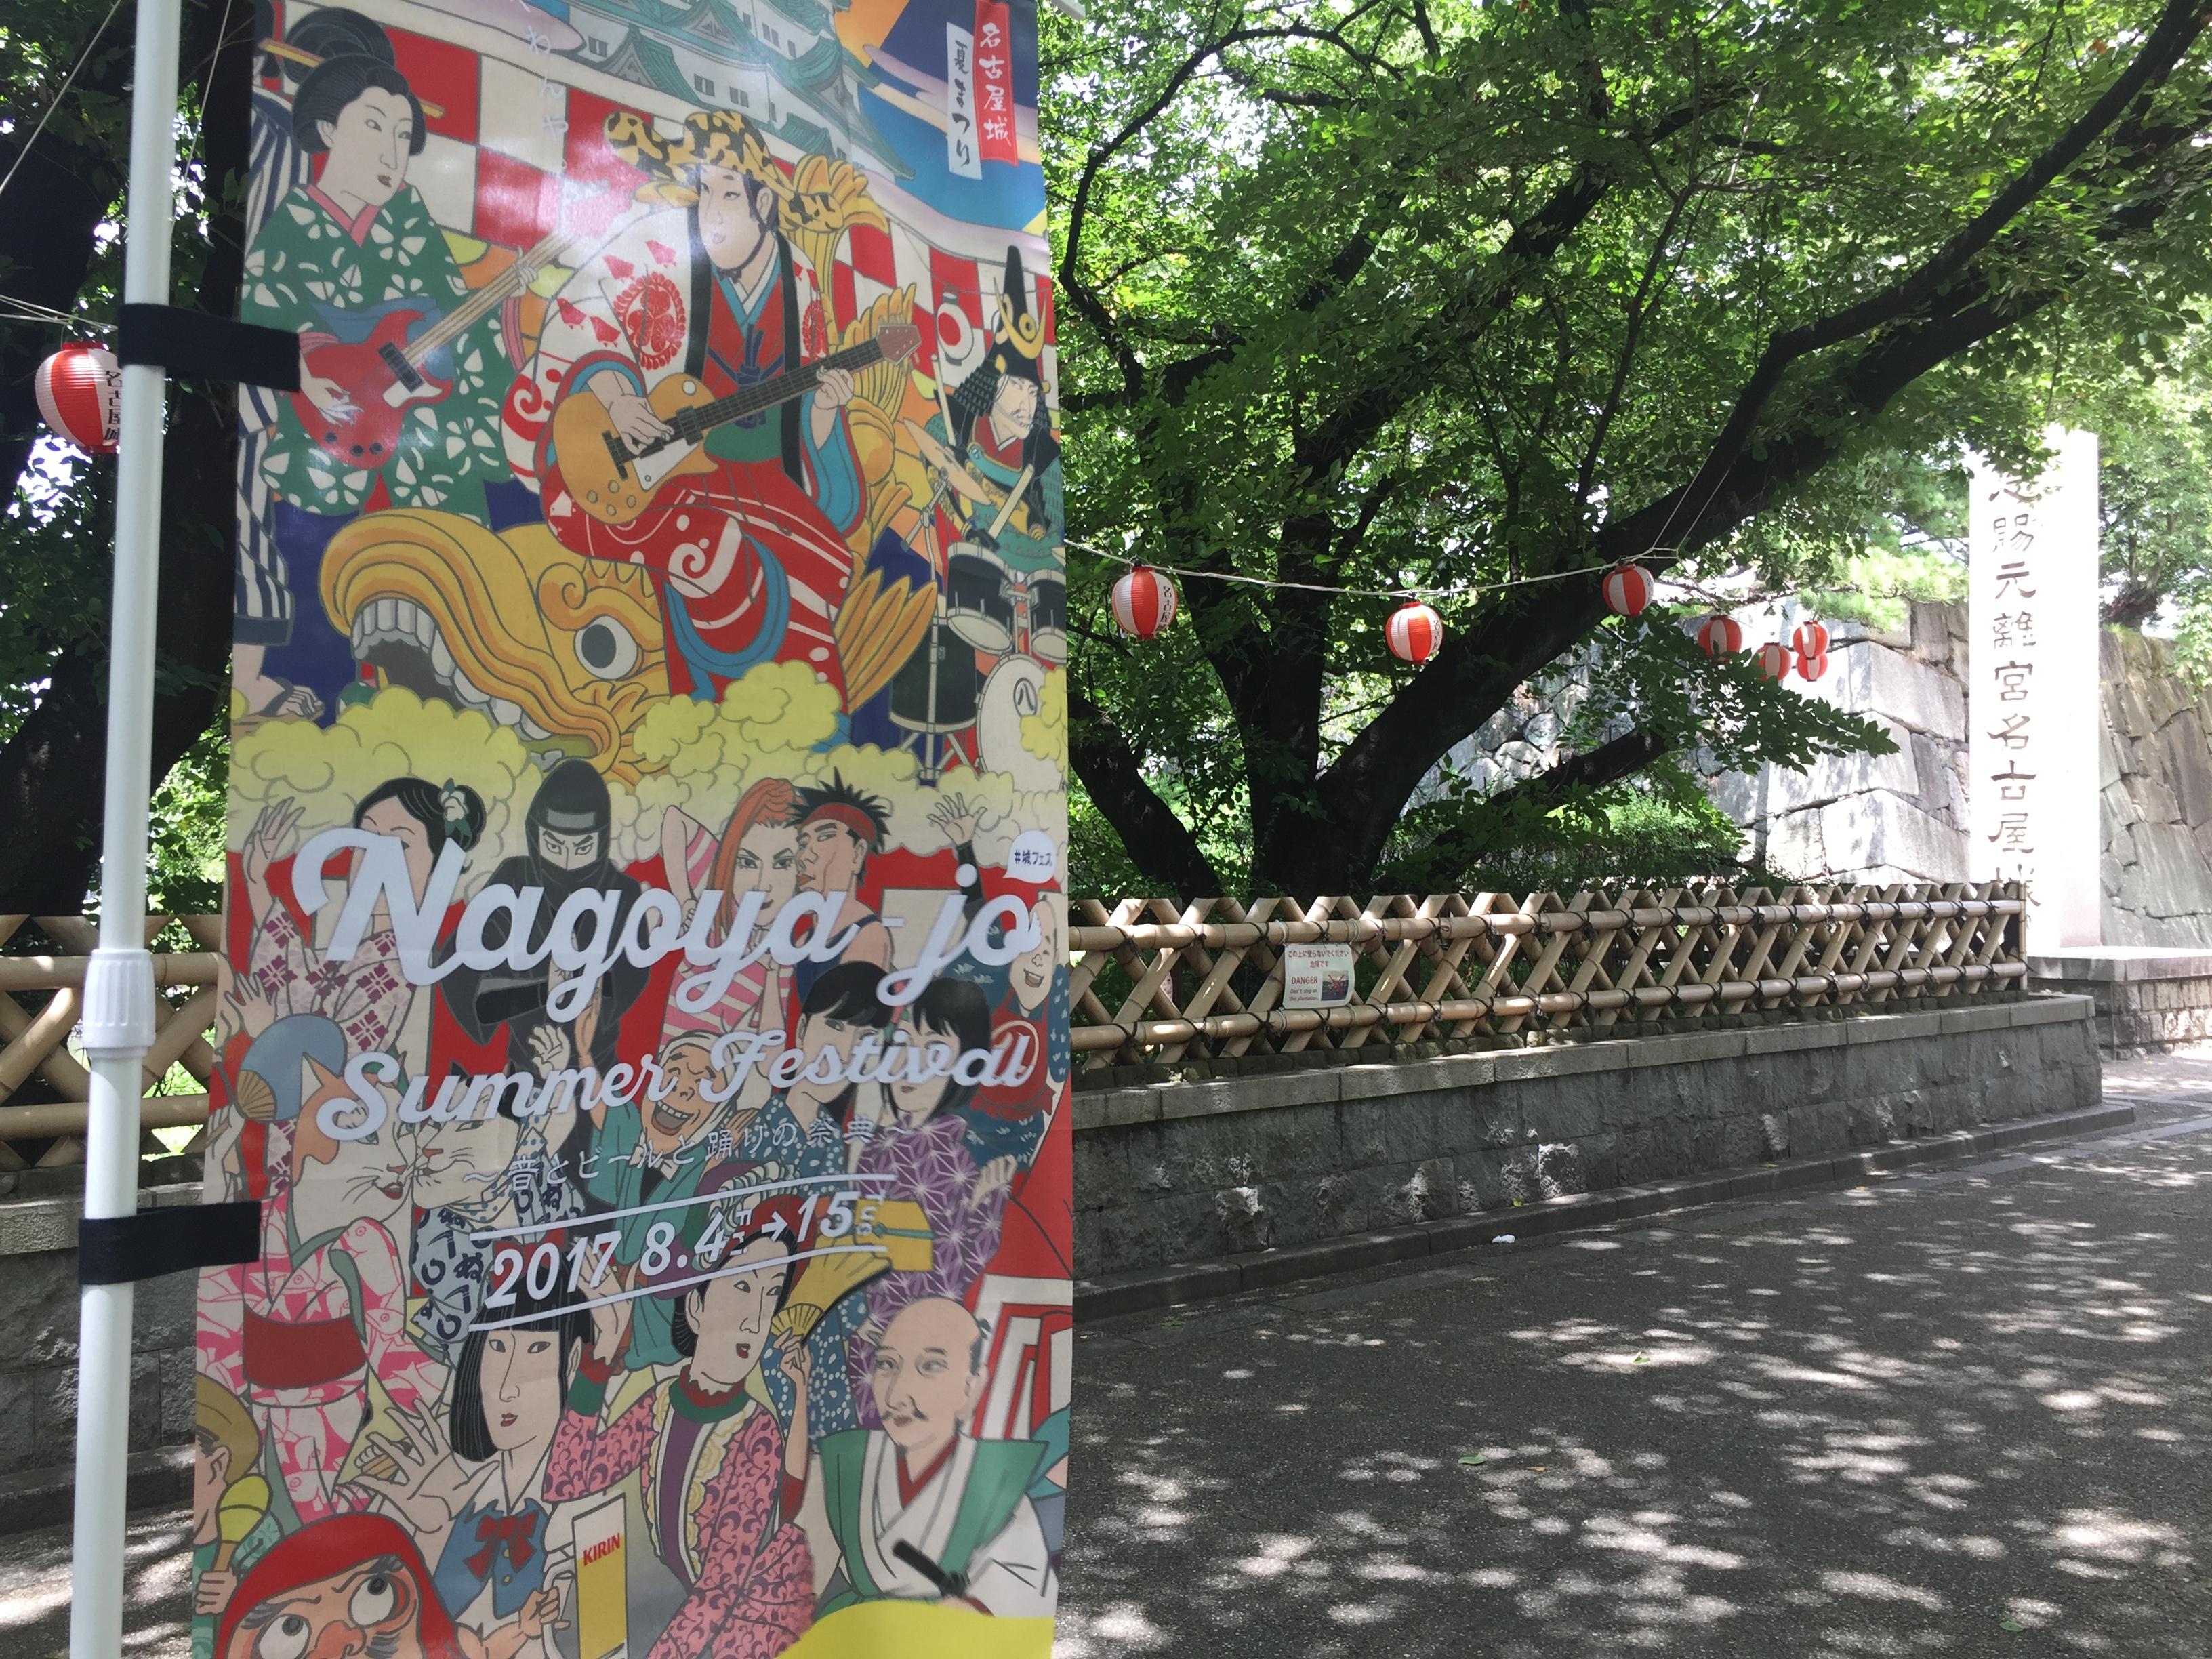 nagoya-jo-fes